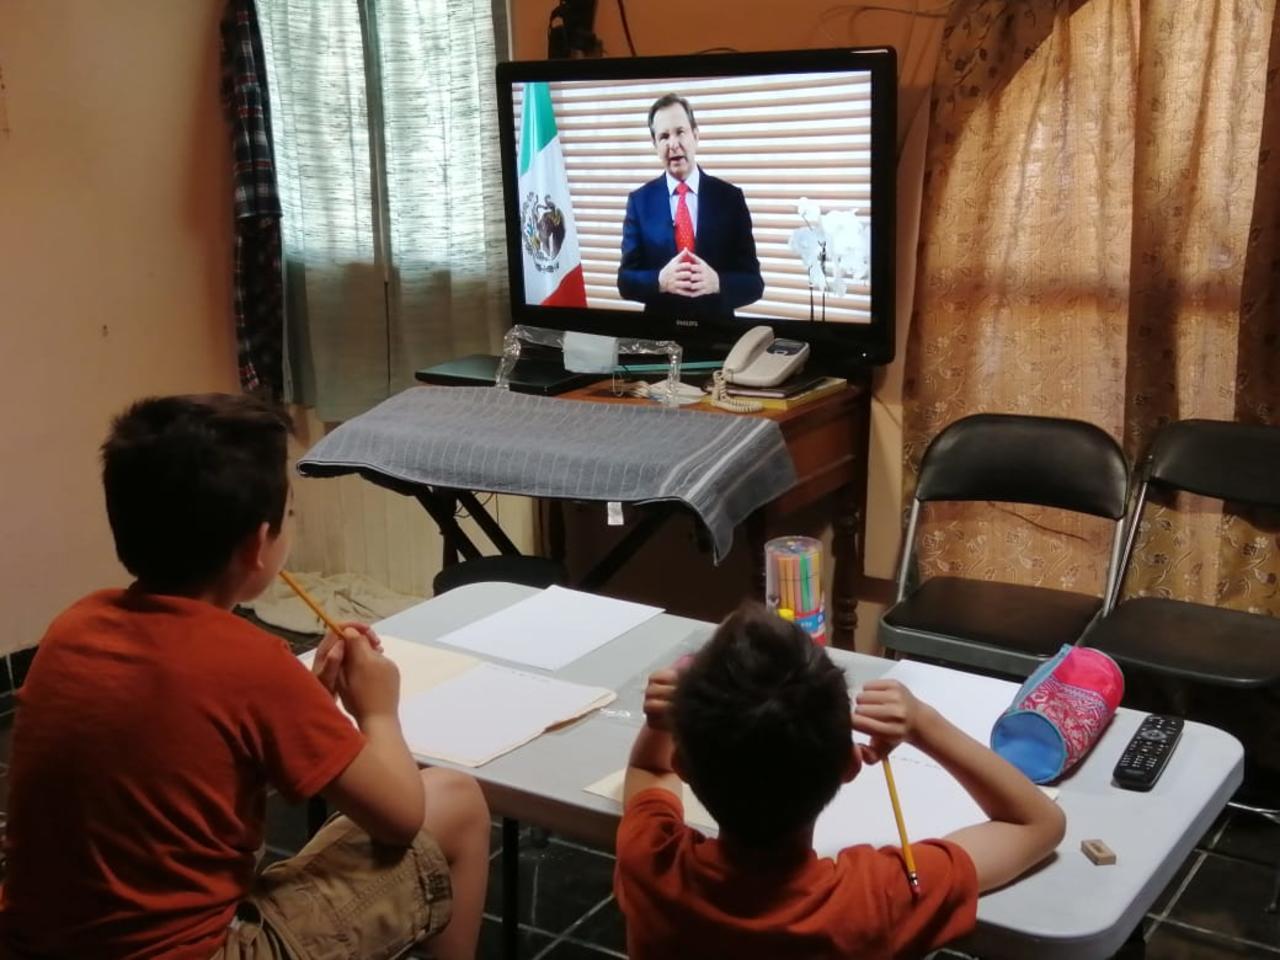 Piden flexibilidad en horario laboral para apoyar a hijos con clases